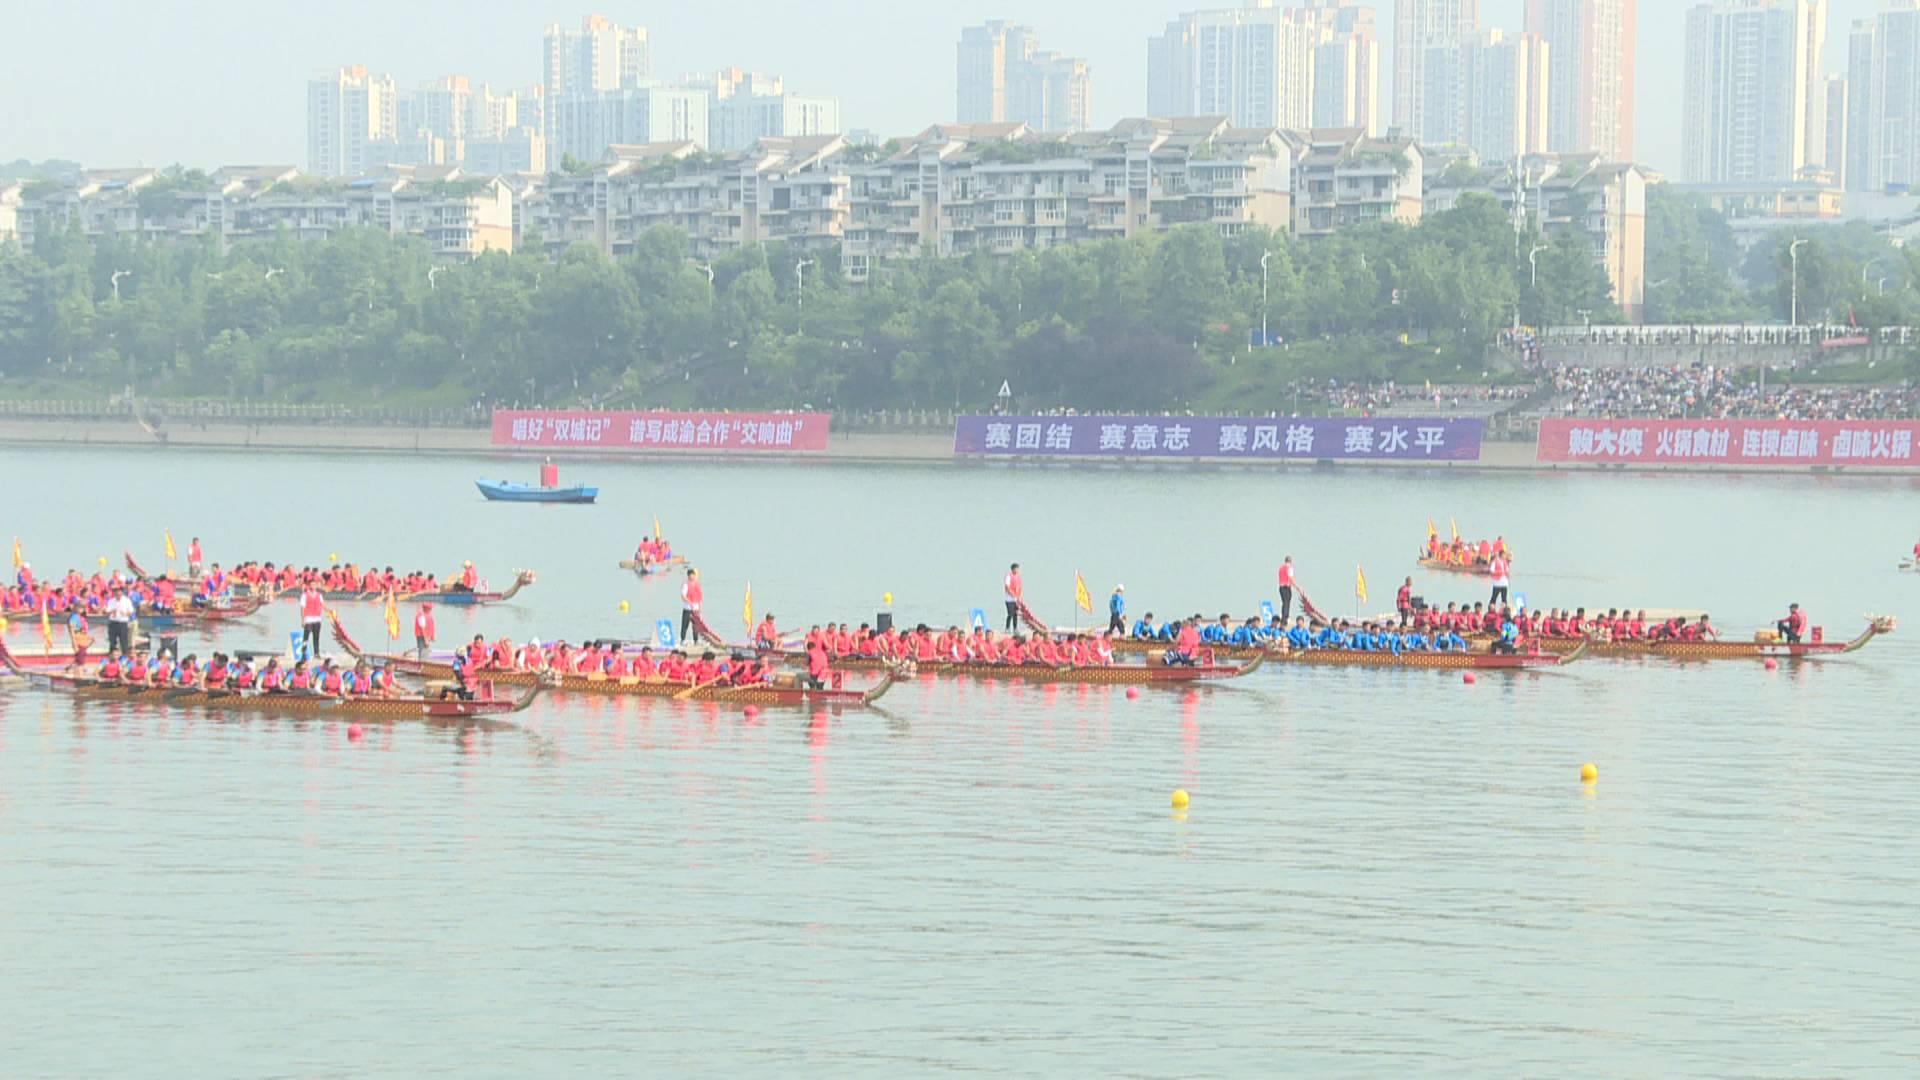 重庆市第二届龙舟公开赛总决赛(合川站)  暨重庆市第十届全民健身运动会龙舟比赛举行